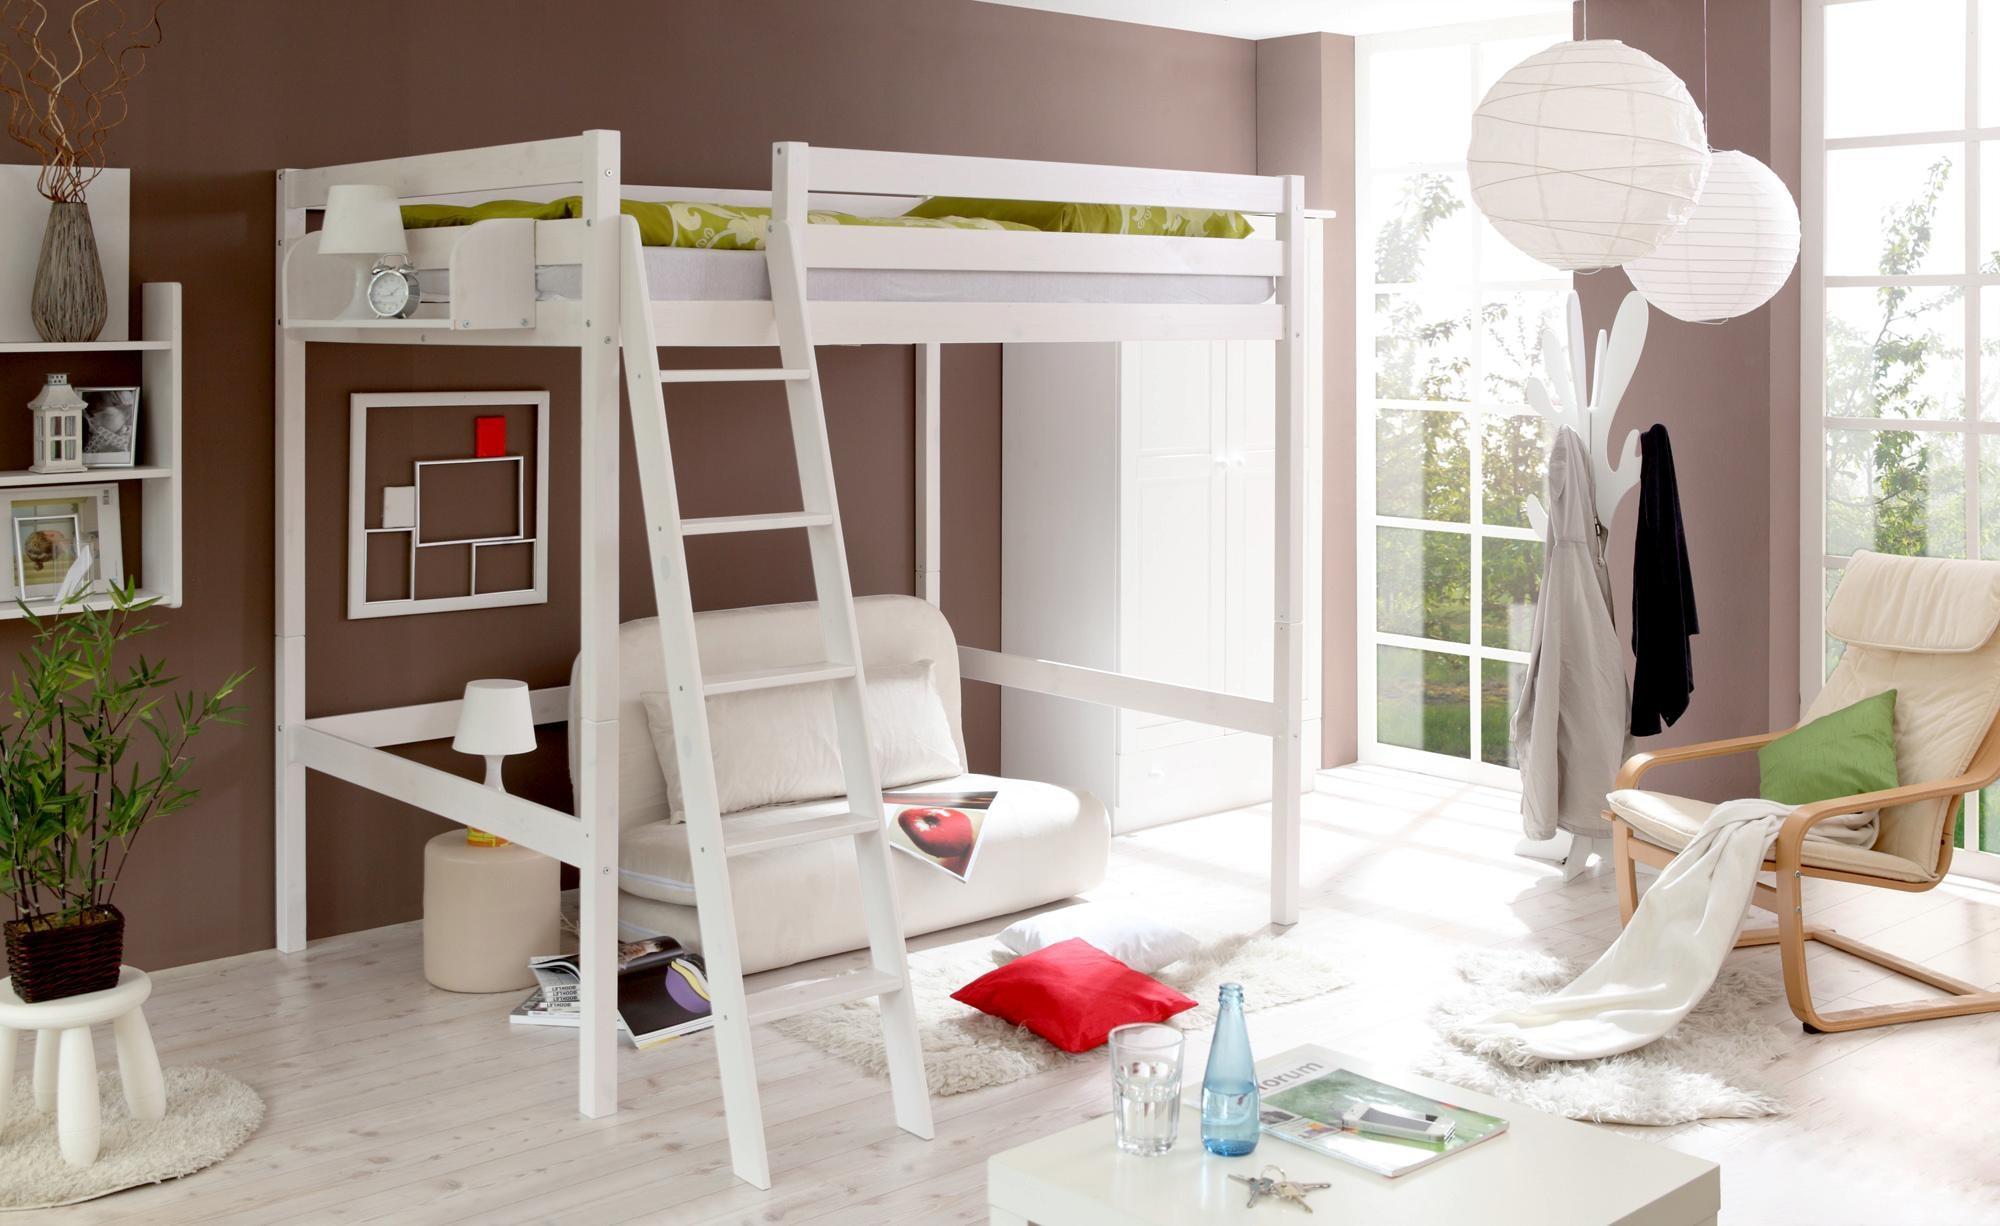 Etagenbett Günstig Kaufen : Ticaa etagenbett lupo ab u ac günstig im preisvergleich